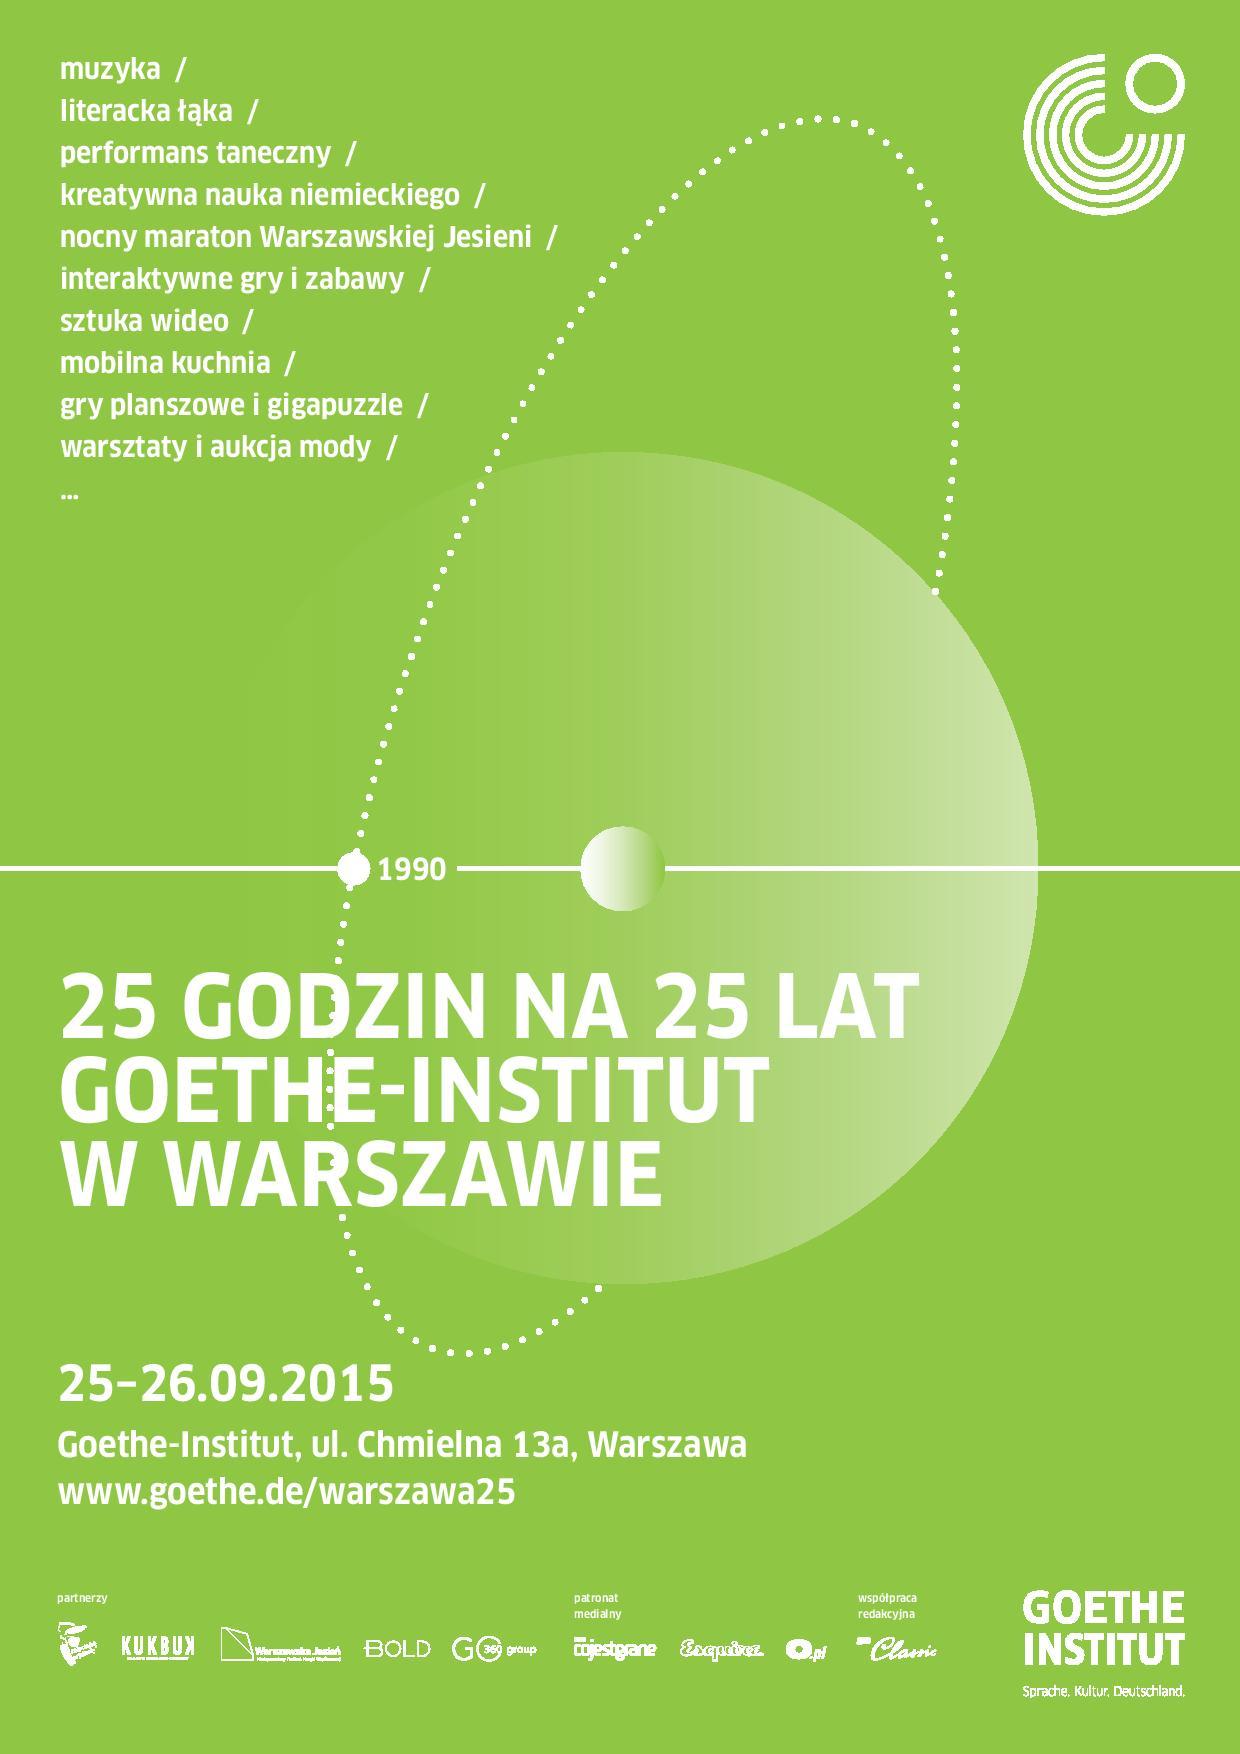 25 godzin na 25 lat Goethe-Institut w Warszawie – plakat (źródło: materiały prasowe organizatora)